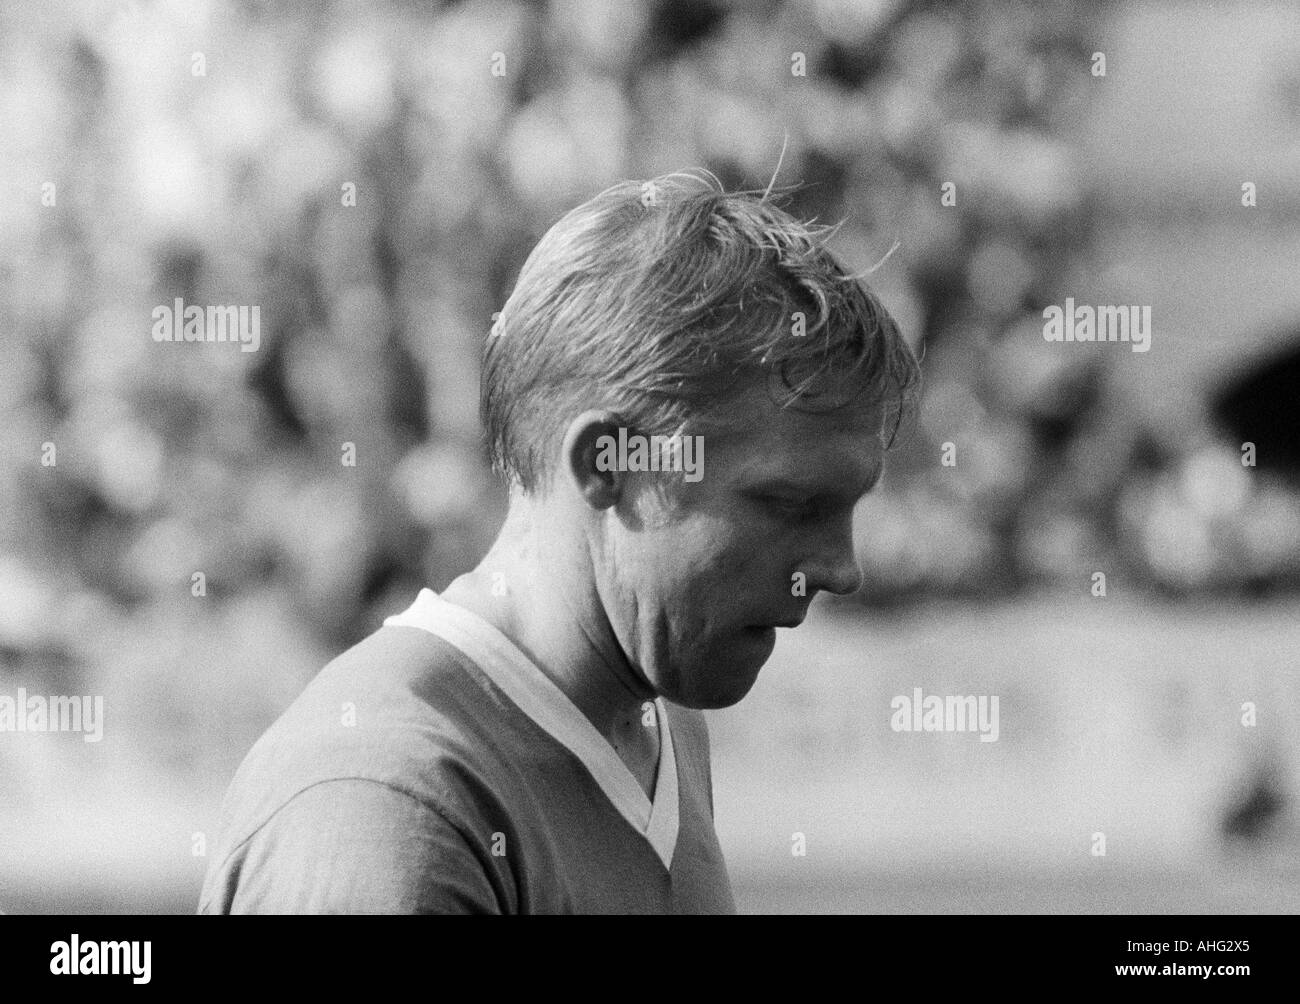 football, Bundesliga, 1966/1967, Stadium at the Hafenstrasse in Essen, Rot-Weiss Essen versus TSV 1860 Munich 2:2, football player, portrait of Hans Kueppers (Munich) - Stock Image